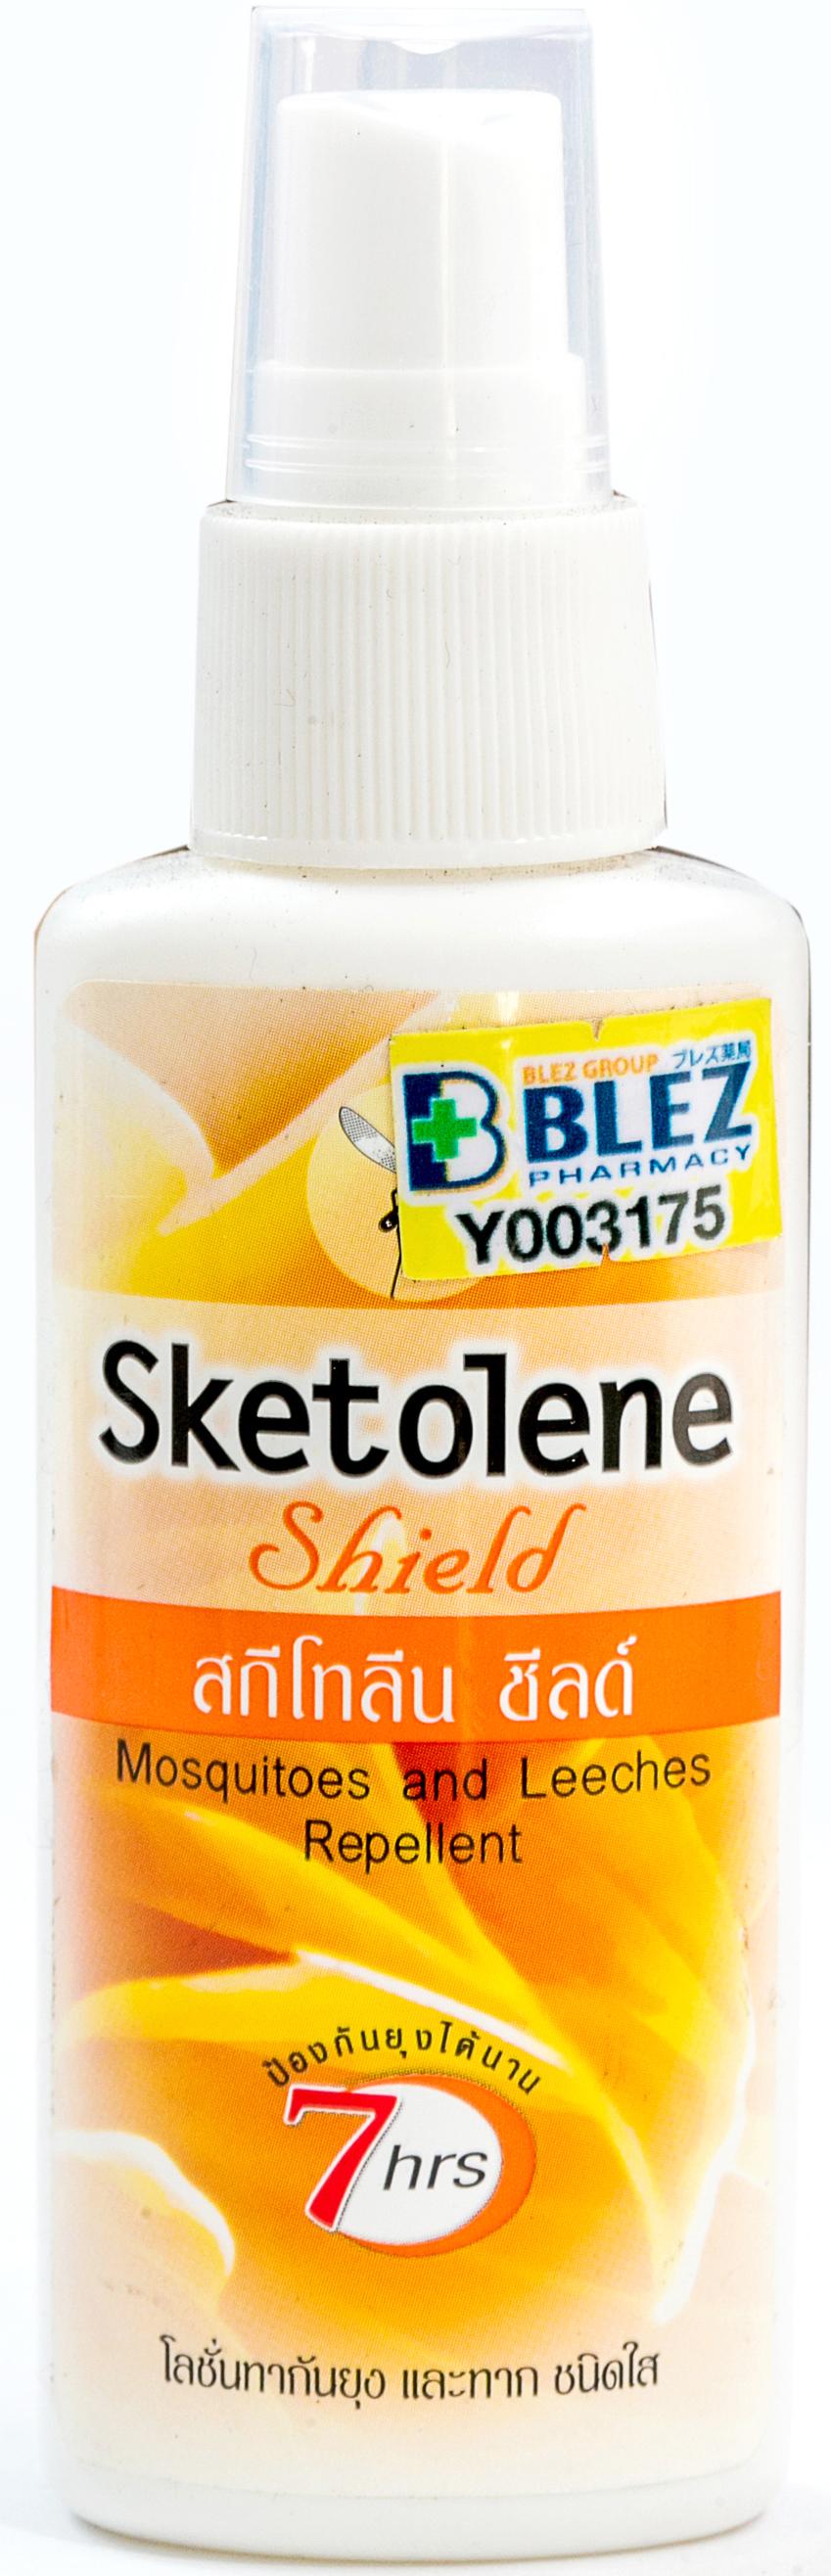 Sketolene Nature - スキトリン・ネイチャー - 効能:虫よけ - 用法・用量:皮膚に直接スプレーして使用。7時間ほど効果が持続 - 情報:傷や皮膚炎がある部位、4歳以下の子どもは使用しないでください。目や口、皮膚が弱い所には使用しないでください - 価格目安:50B前後